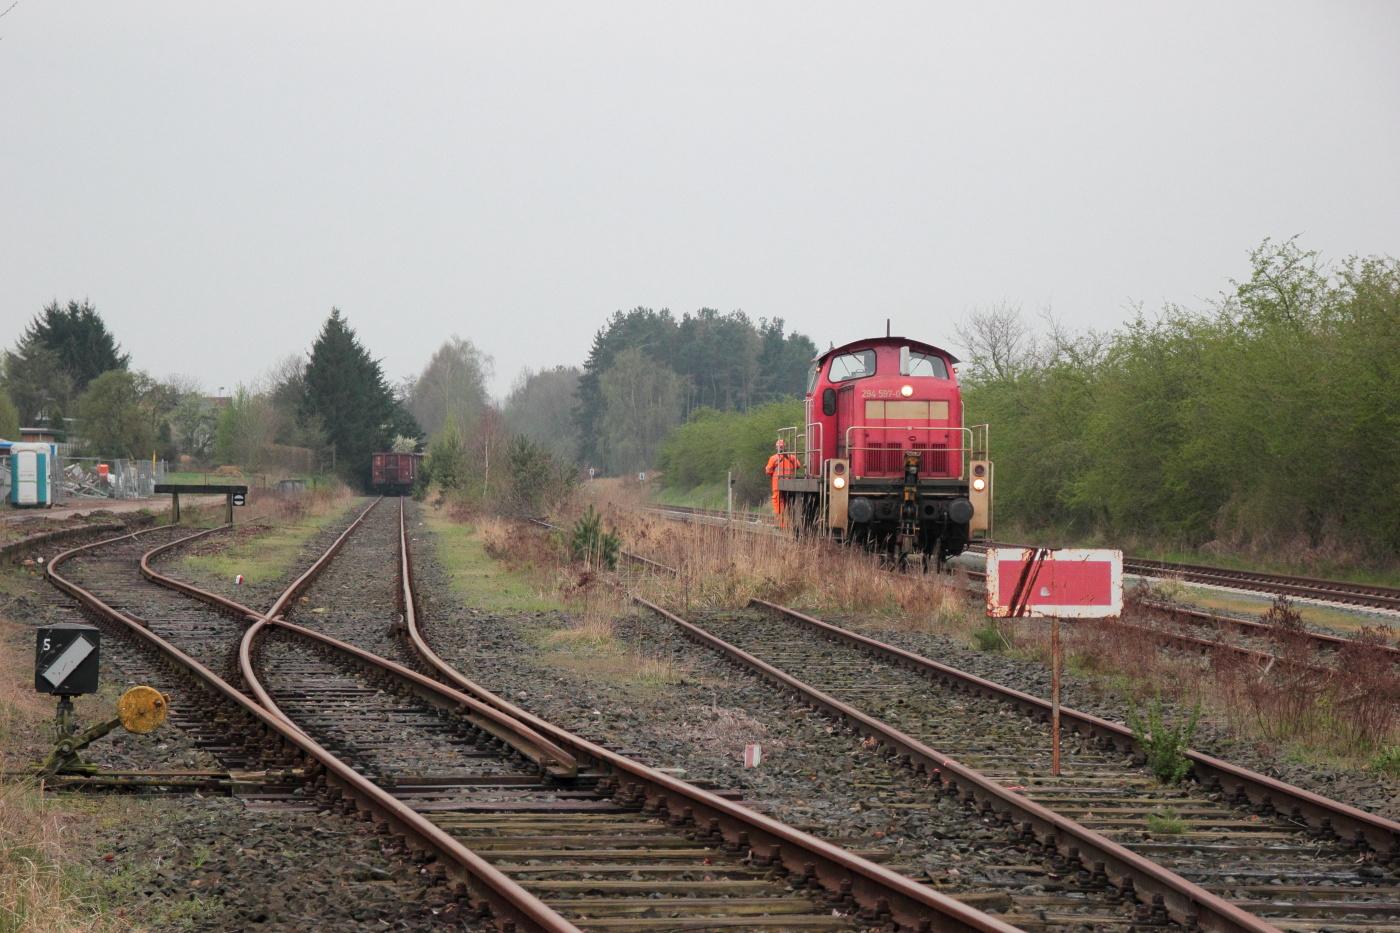 http://www.nachtbahner.de/Fotos/2014-04-05%20M%c3%bchlenbahn/k-IMG_2516%20KBS%20115%20M%c3%bchlenbahn%2005.04.14%20(2).JPG